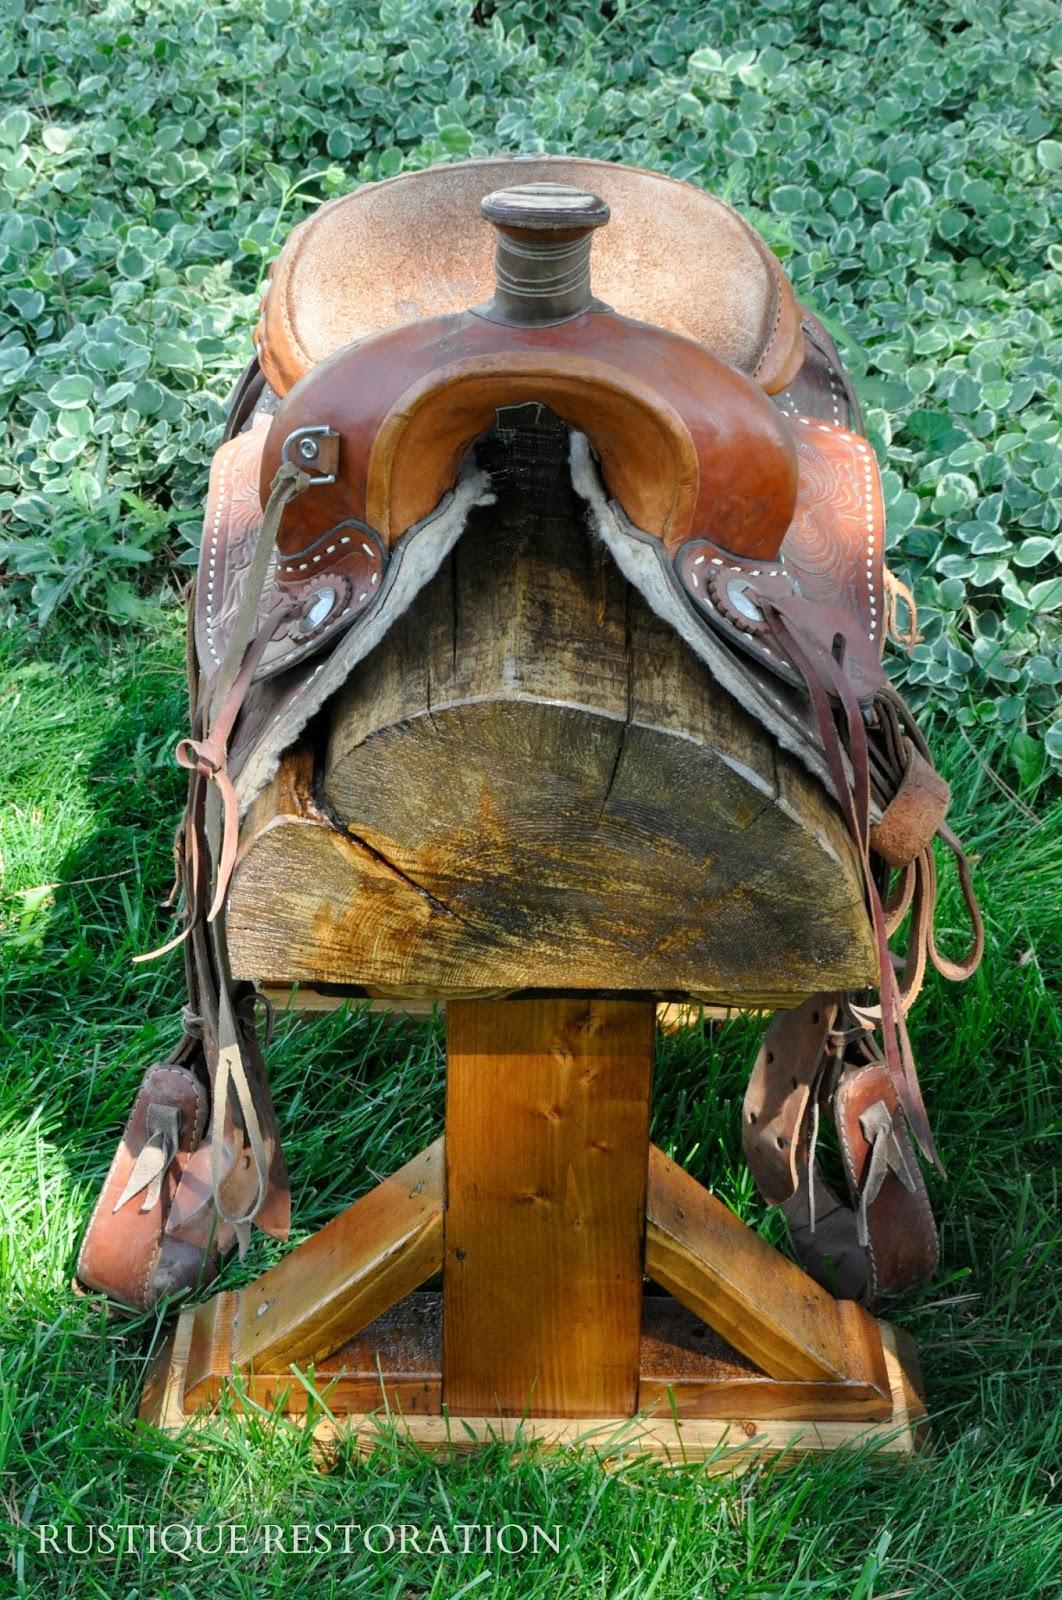 Rustique Restoration